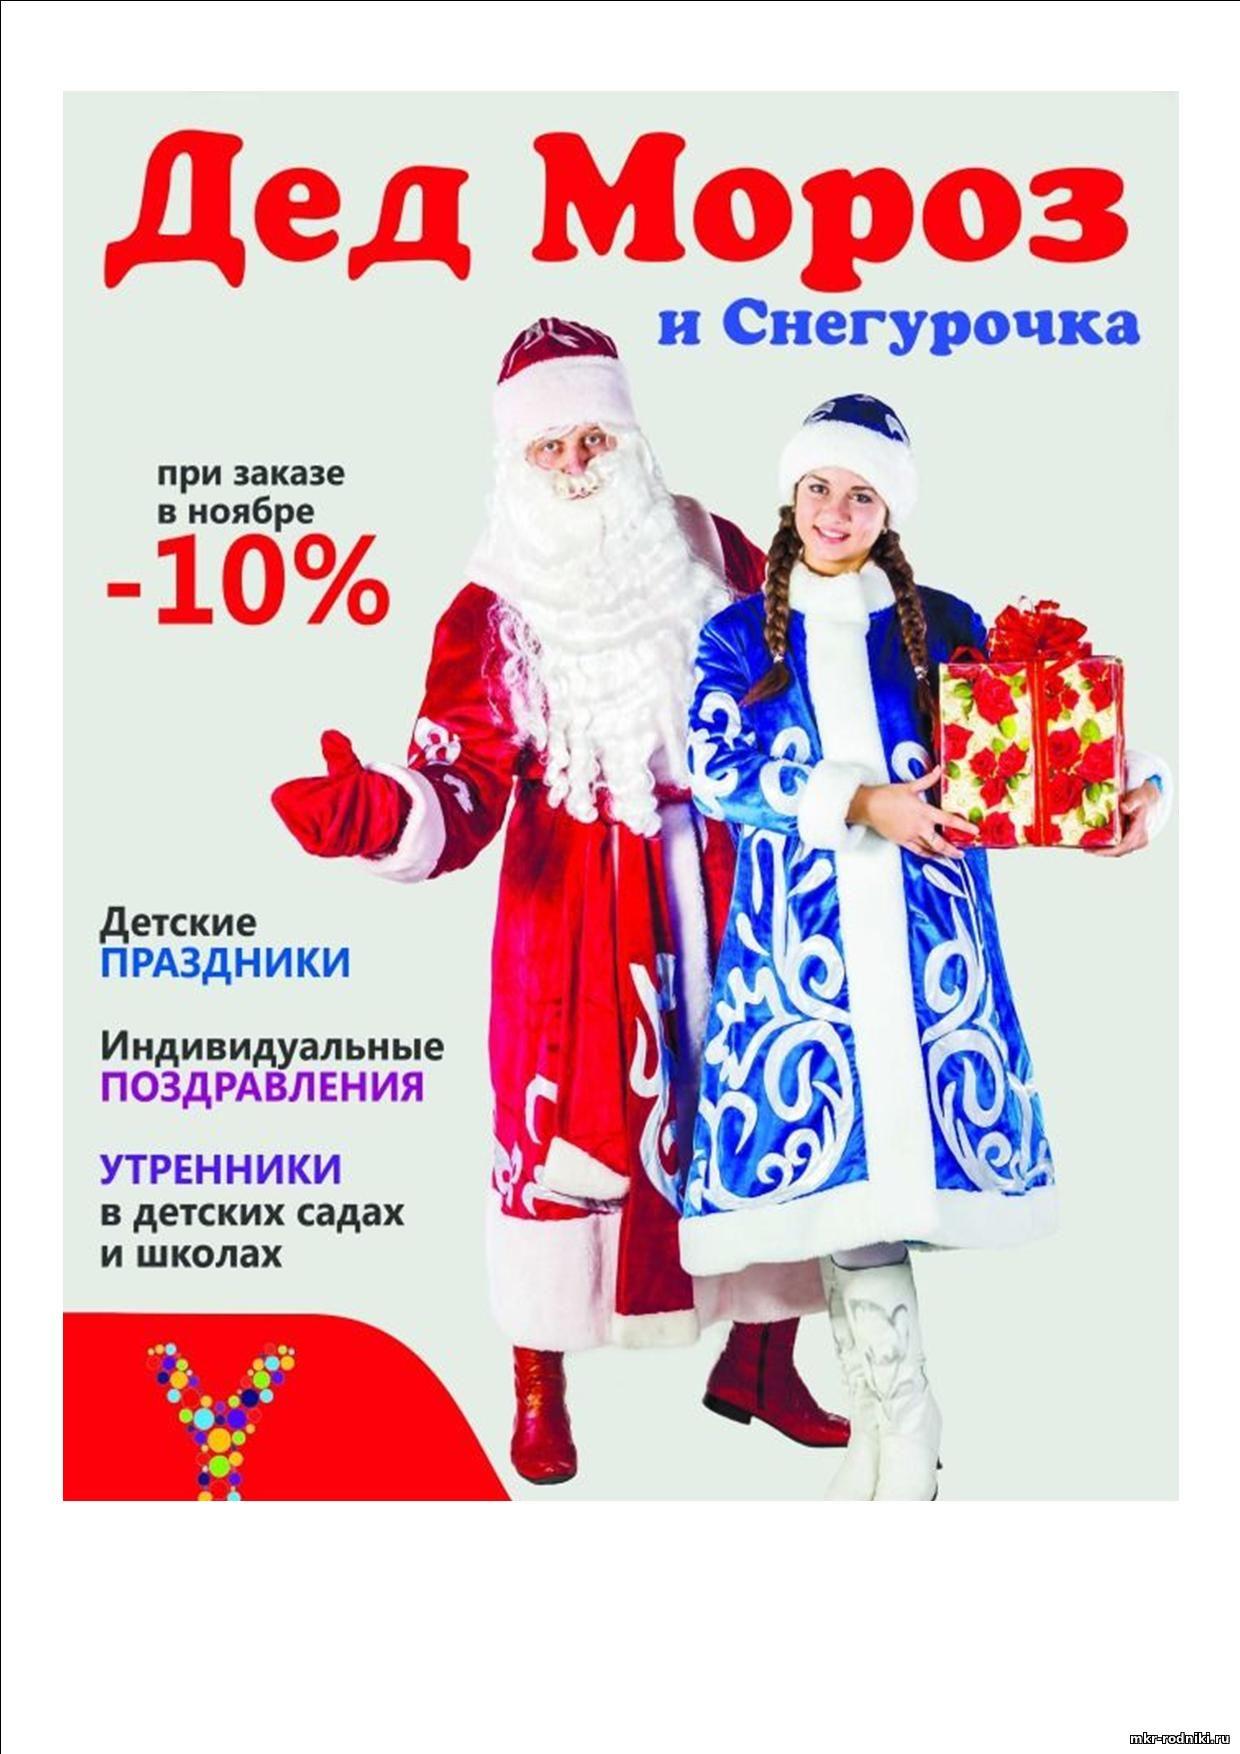 Заказ Деда Мороза и Снегурочки  цены на услуги Москва